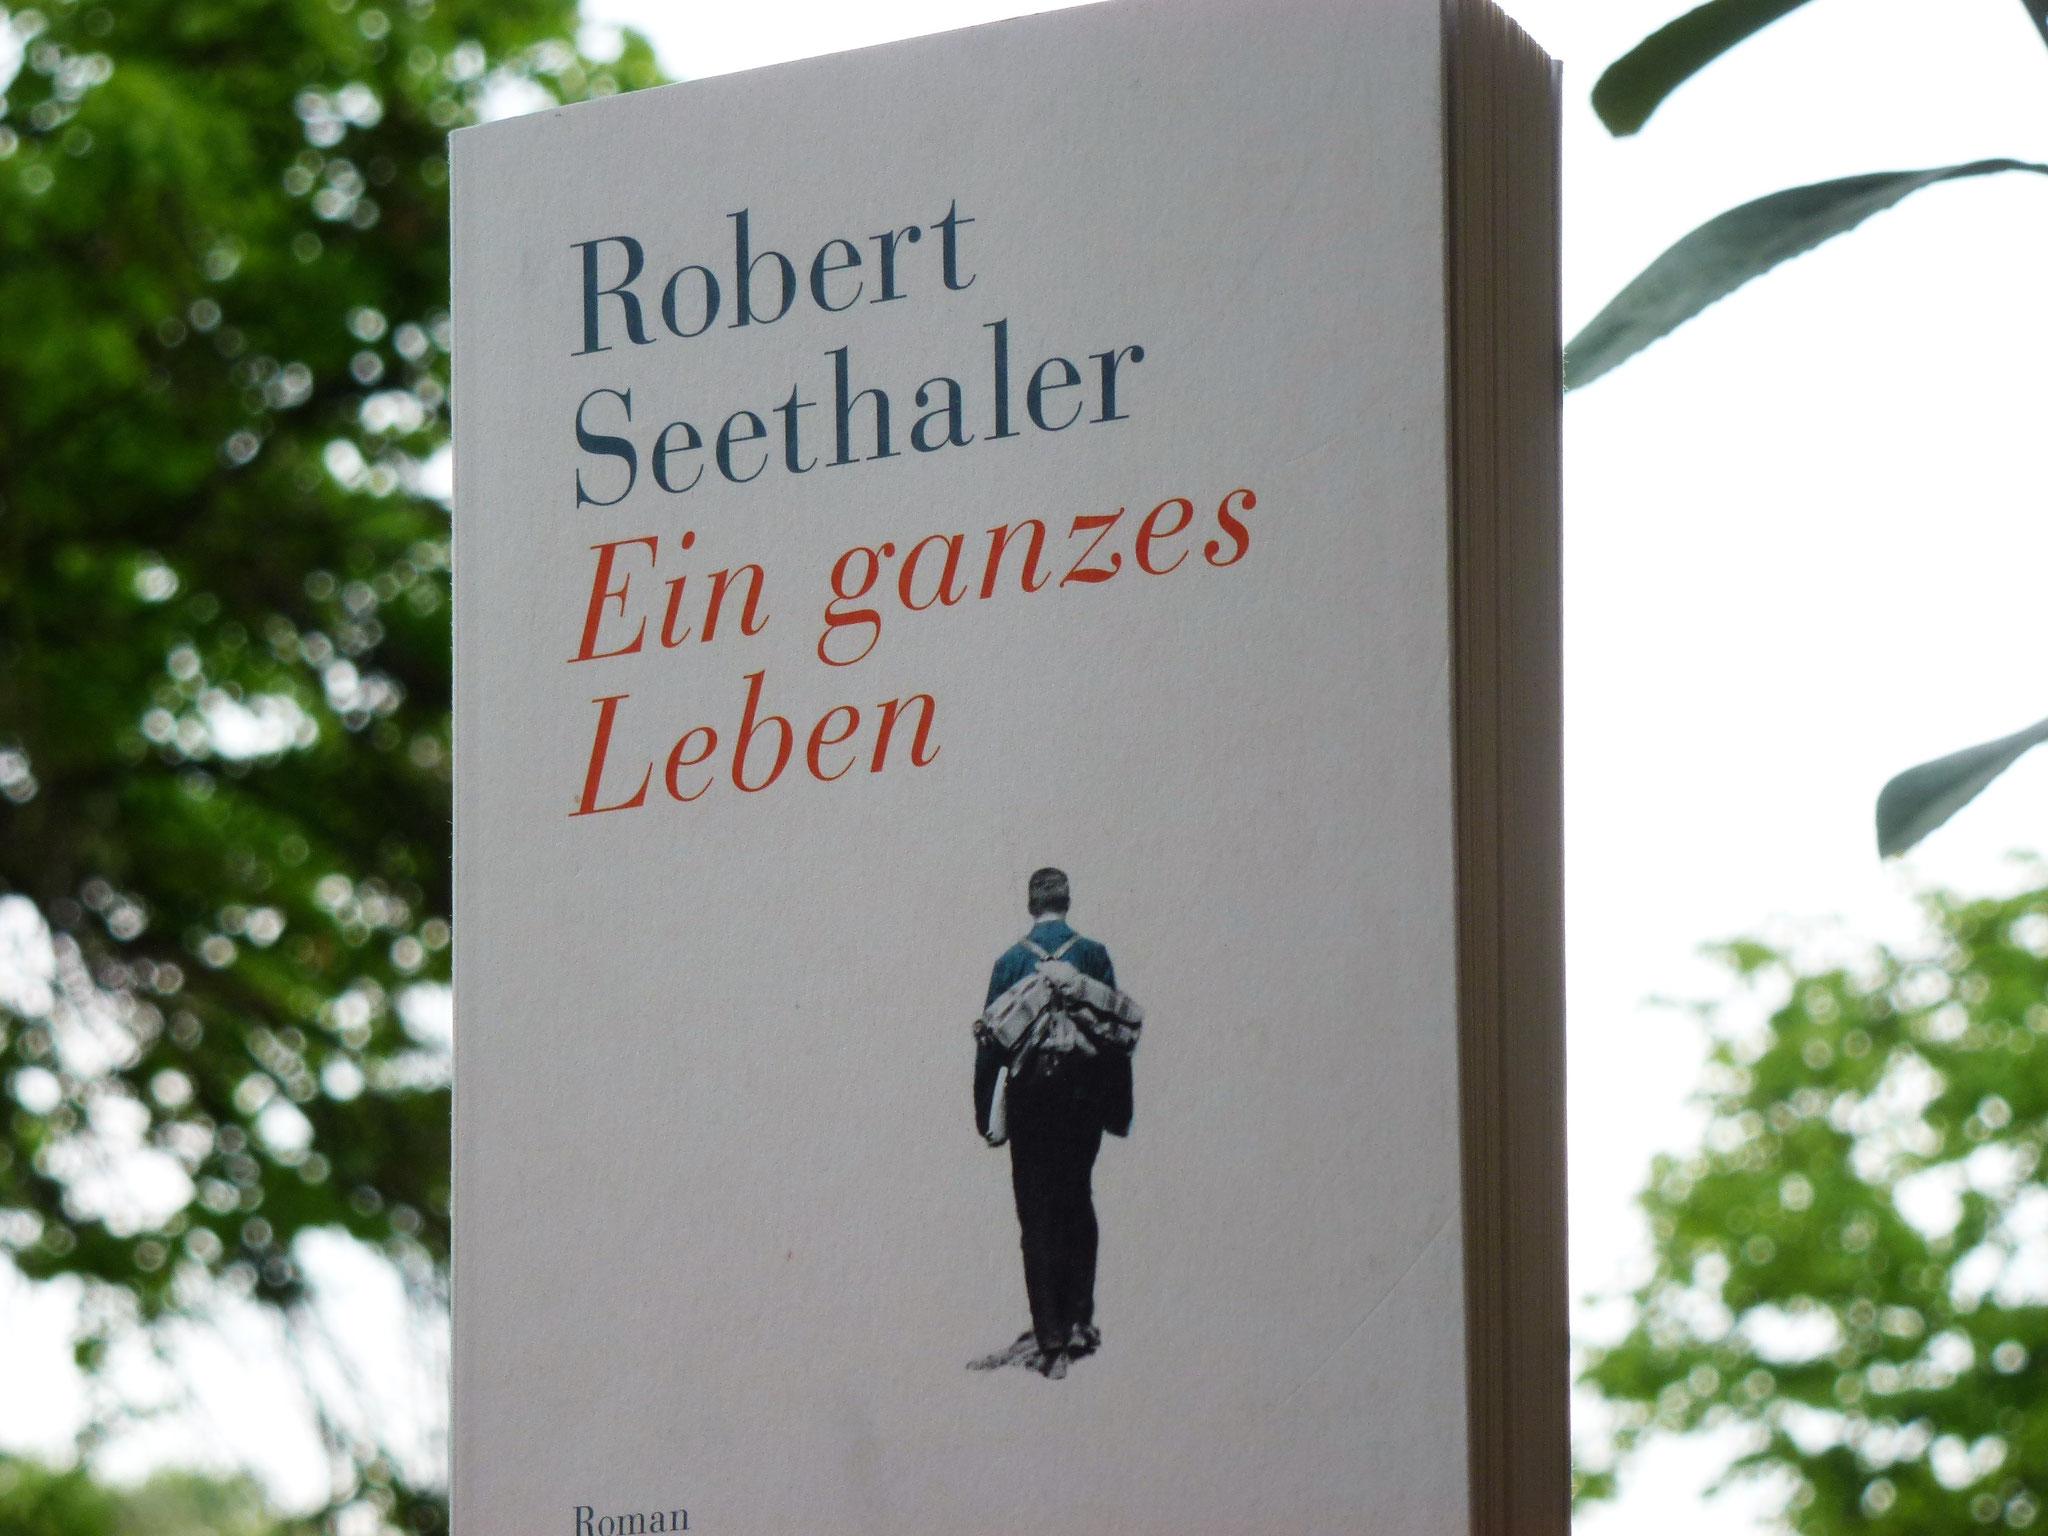 """Auf dem vierten Platz steht der kurze, aber desto tiefsinnigere Roman """"Ein ganzes Lebens"""" von Robert Seethaler."""